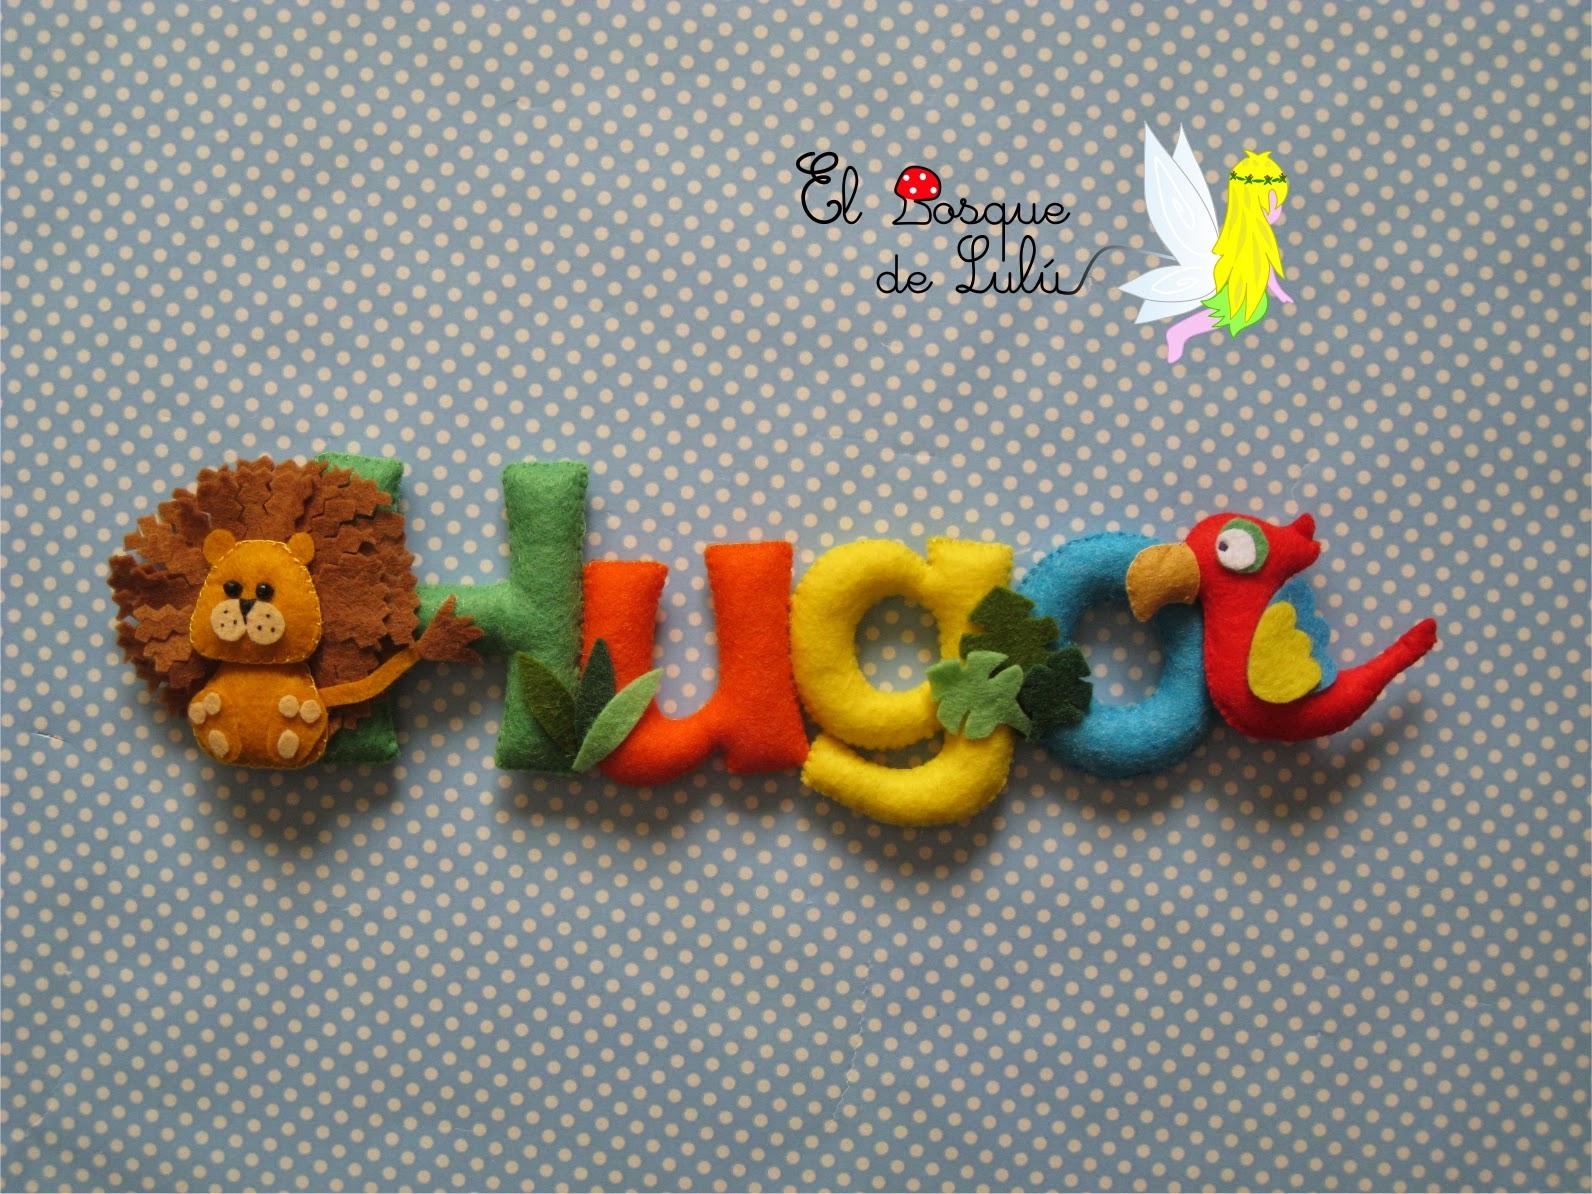 Nombre-decorativo-en-fieltro-de-fieltro-name-banner-felt-decoración-infantil-animales-león-loro-Hugo